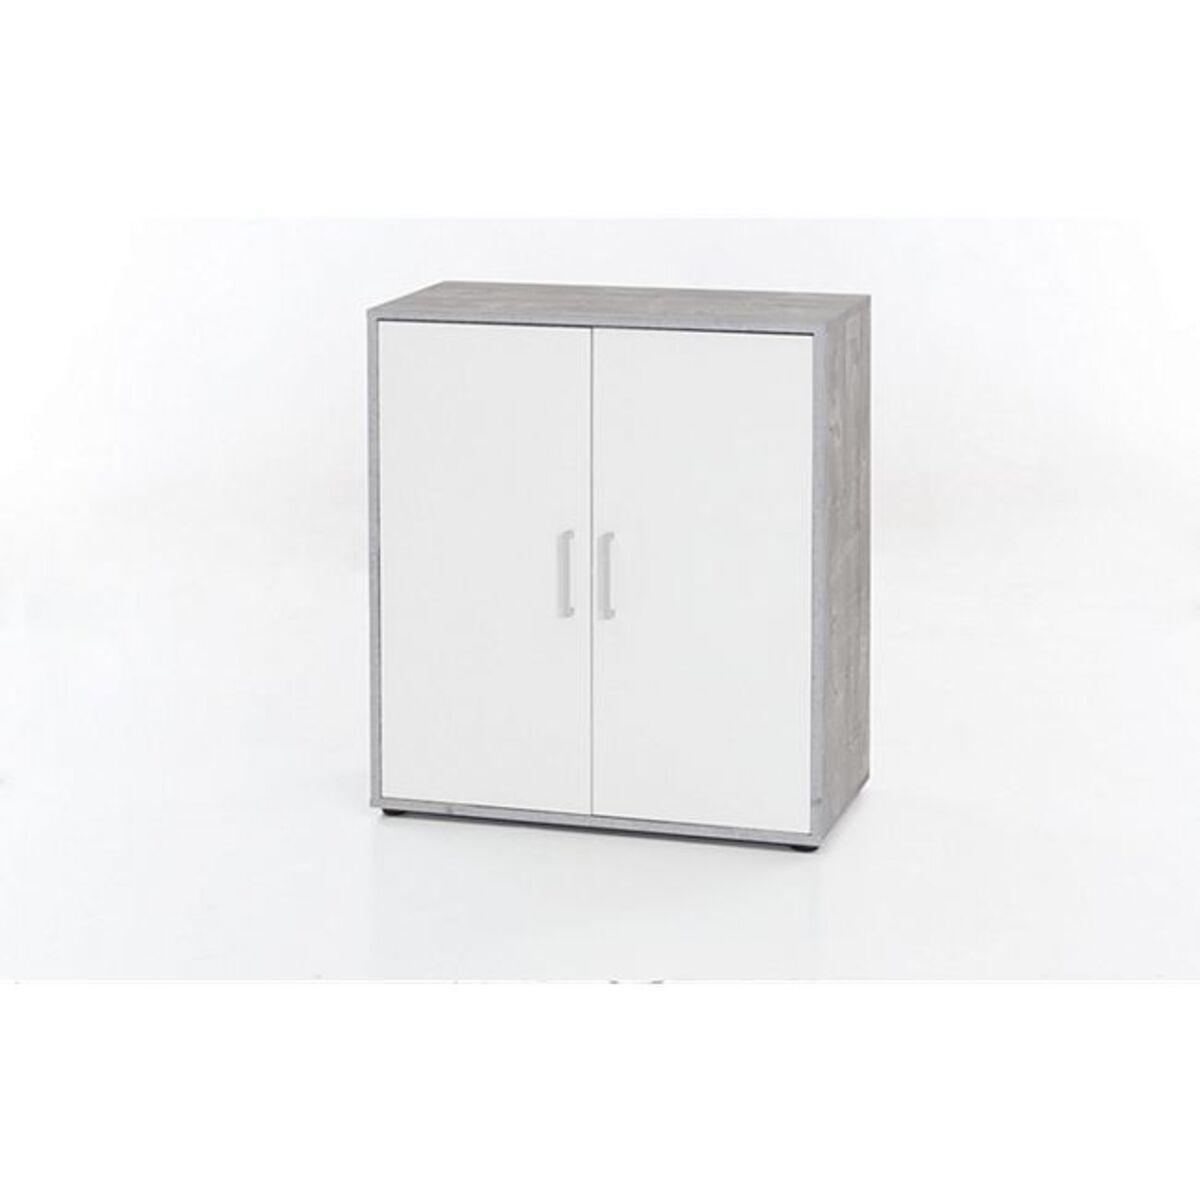 Bild 1 von Kommode mit 2 Türen, Ausf. Melamin Beton / Weiß Dekor